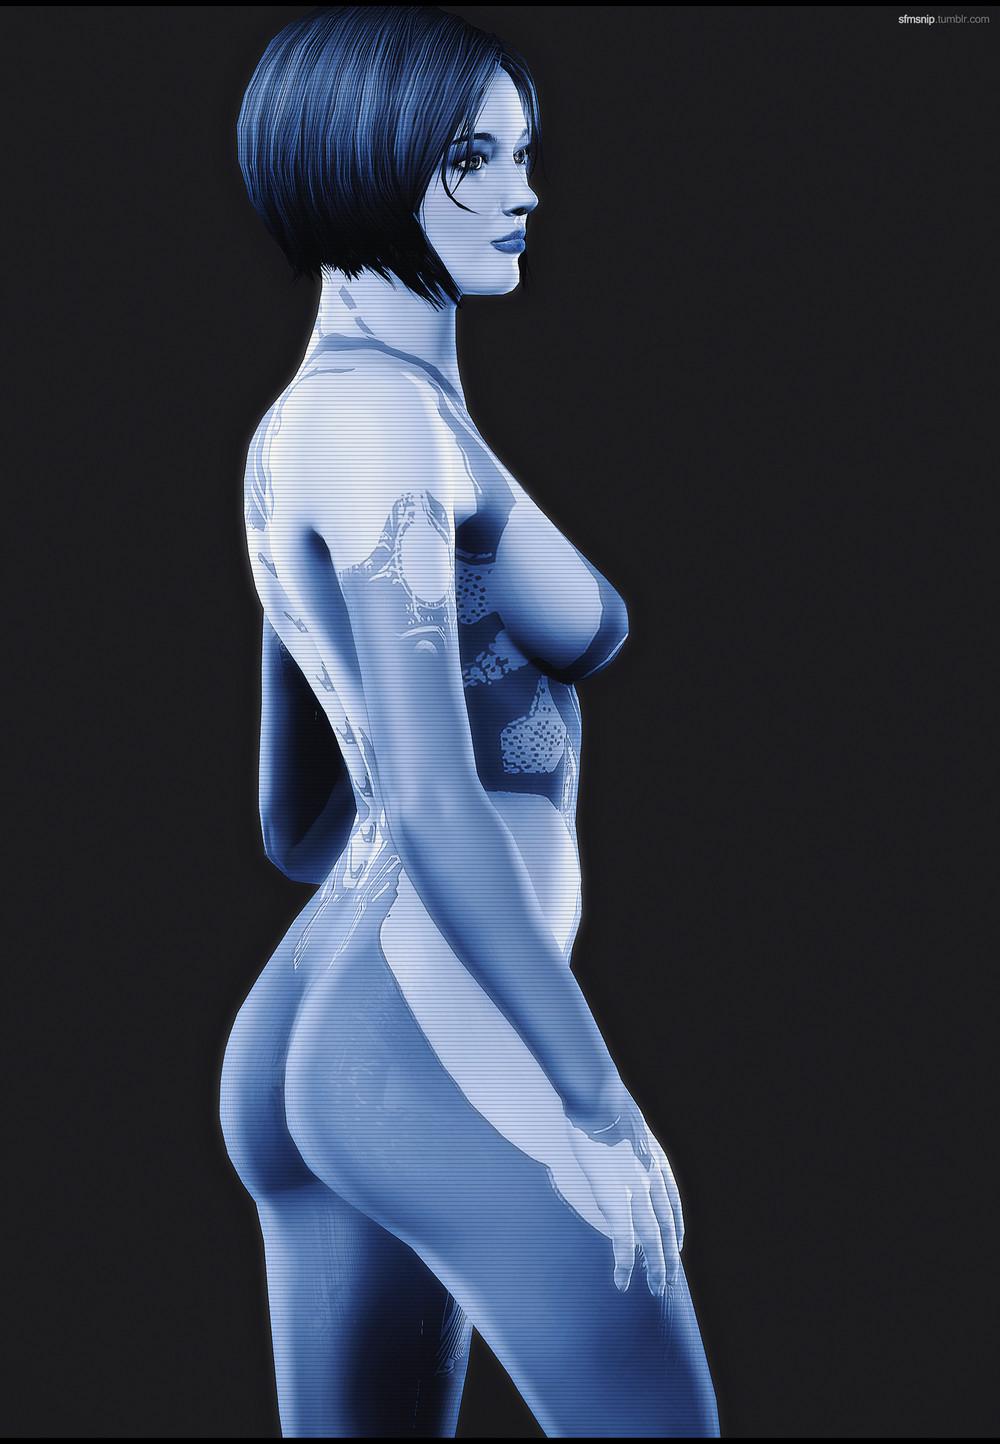 Bs Angel As Cortana By Artistpavel On Deviantart